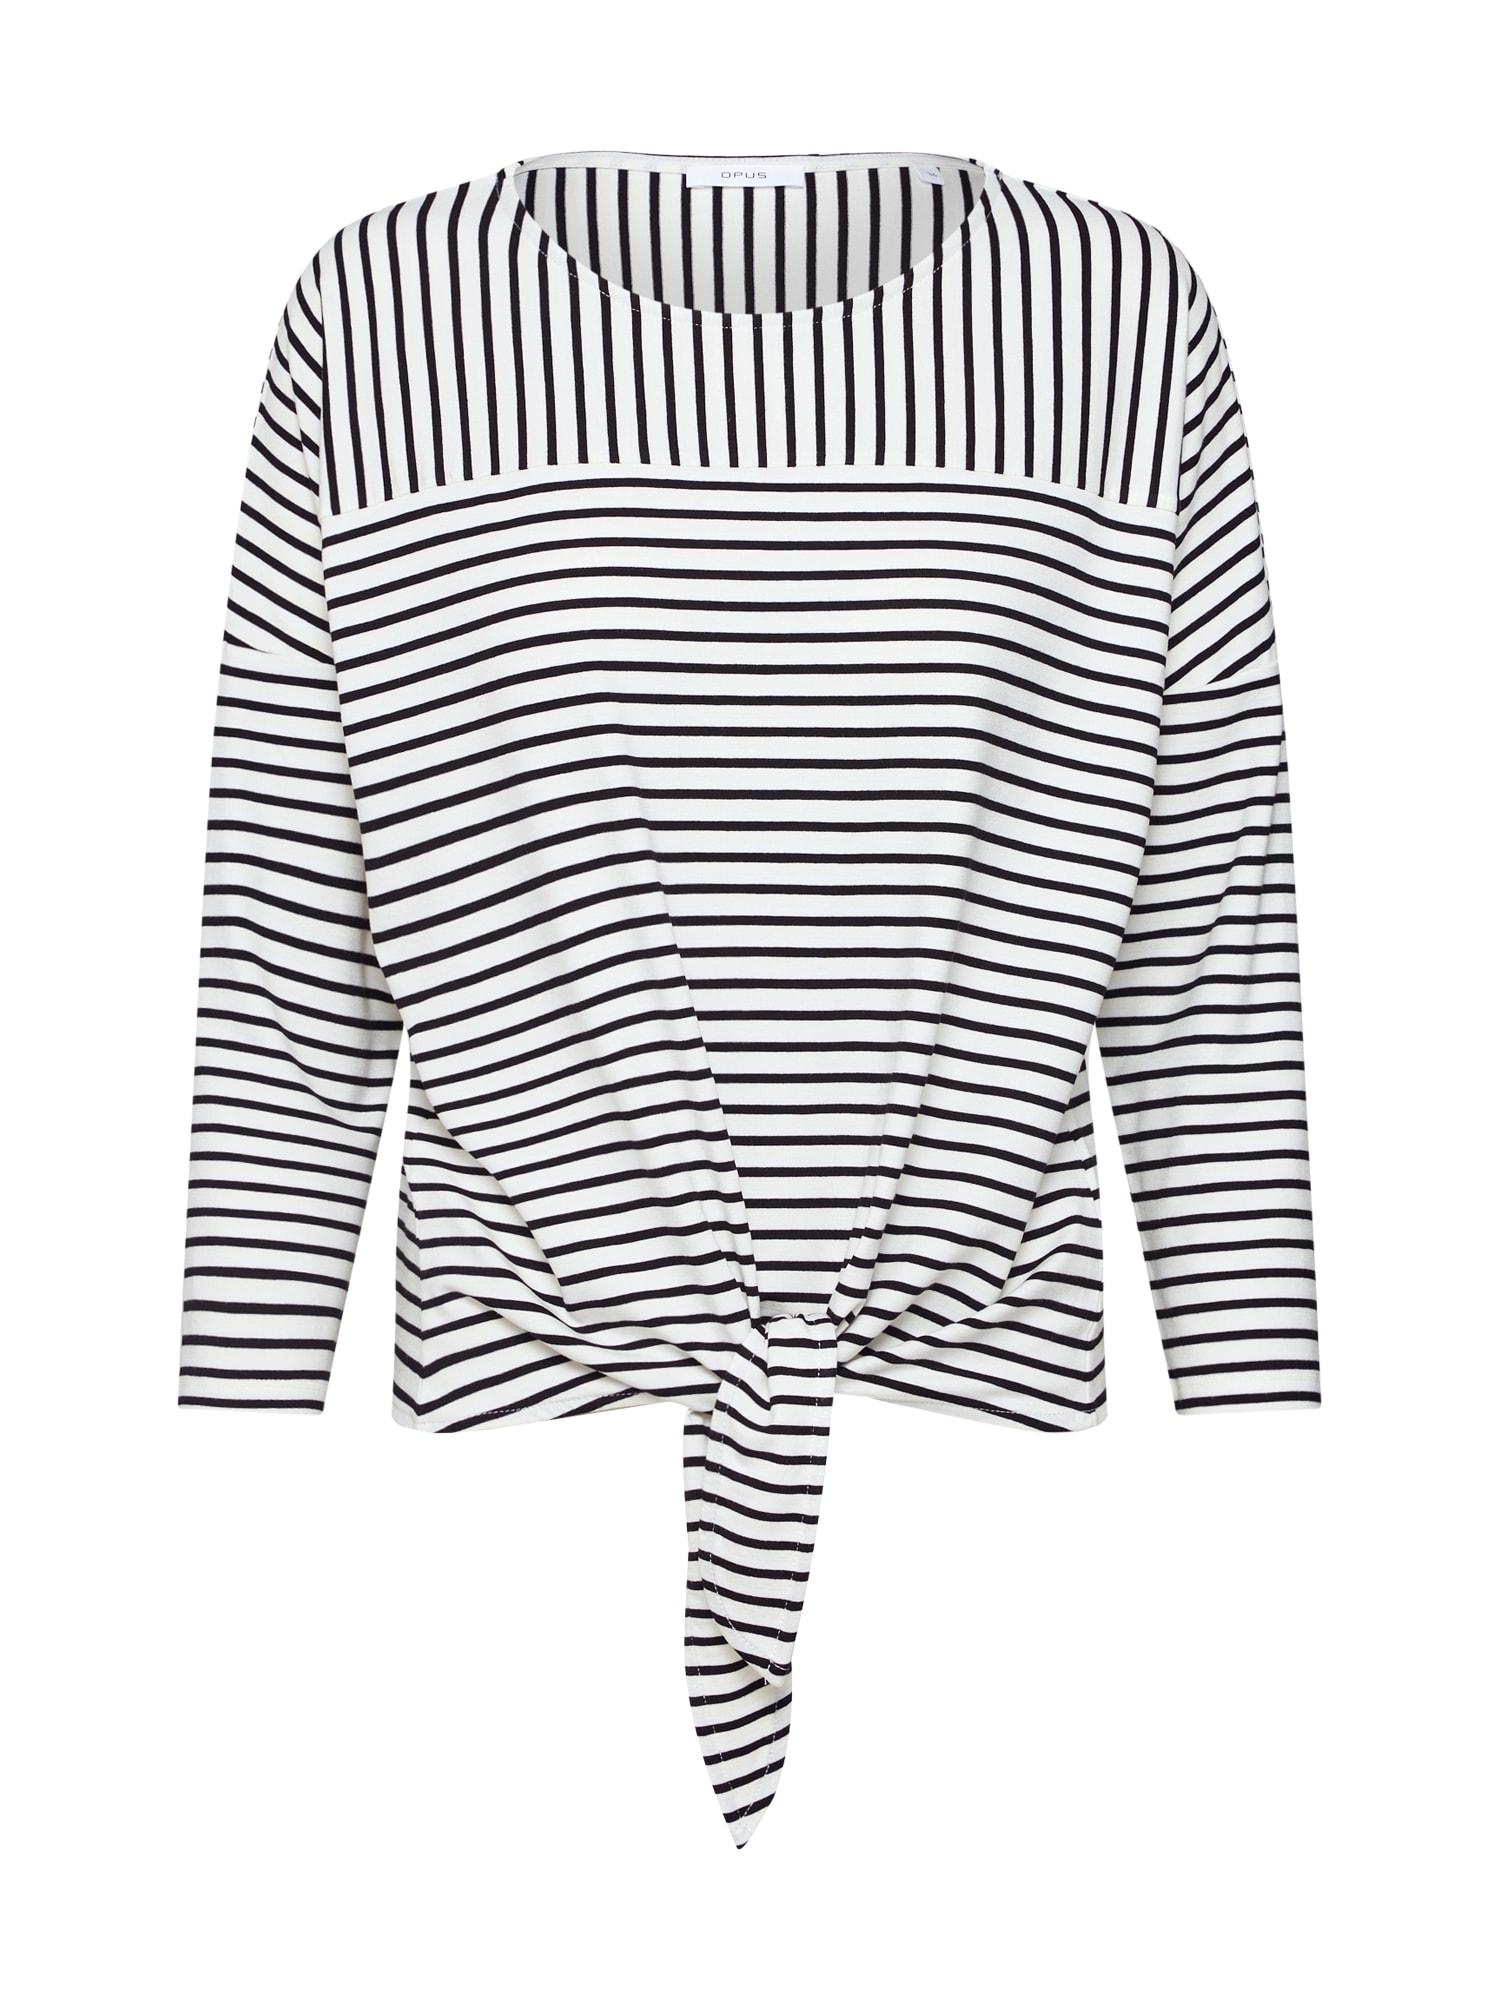 Tričko Siplak černá bílá OPUS